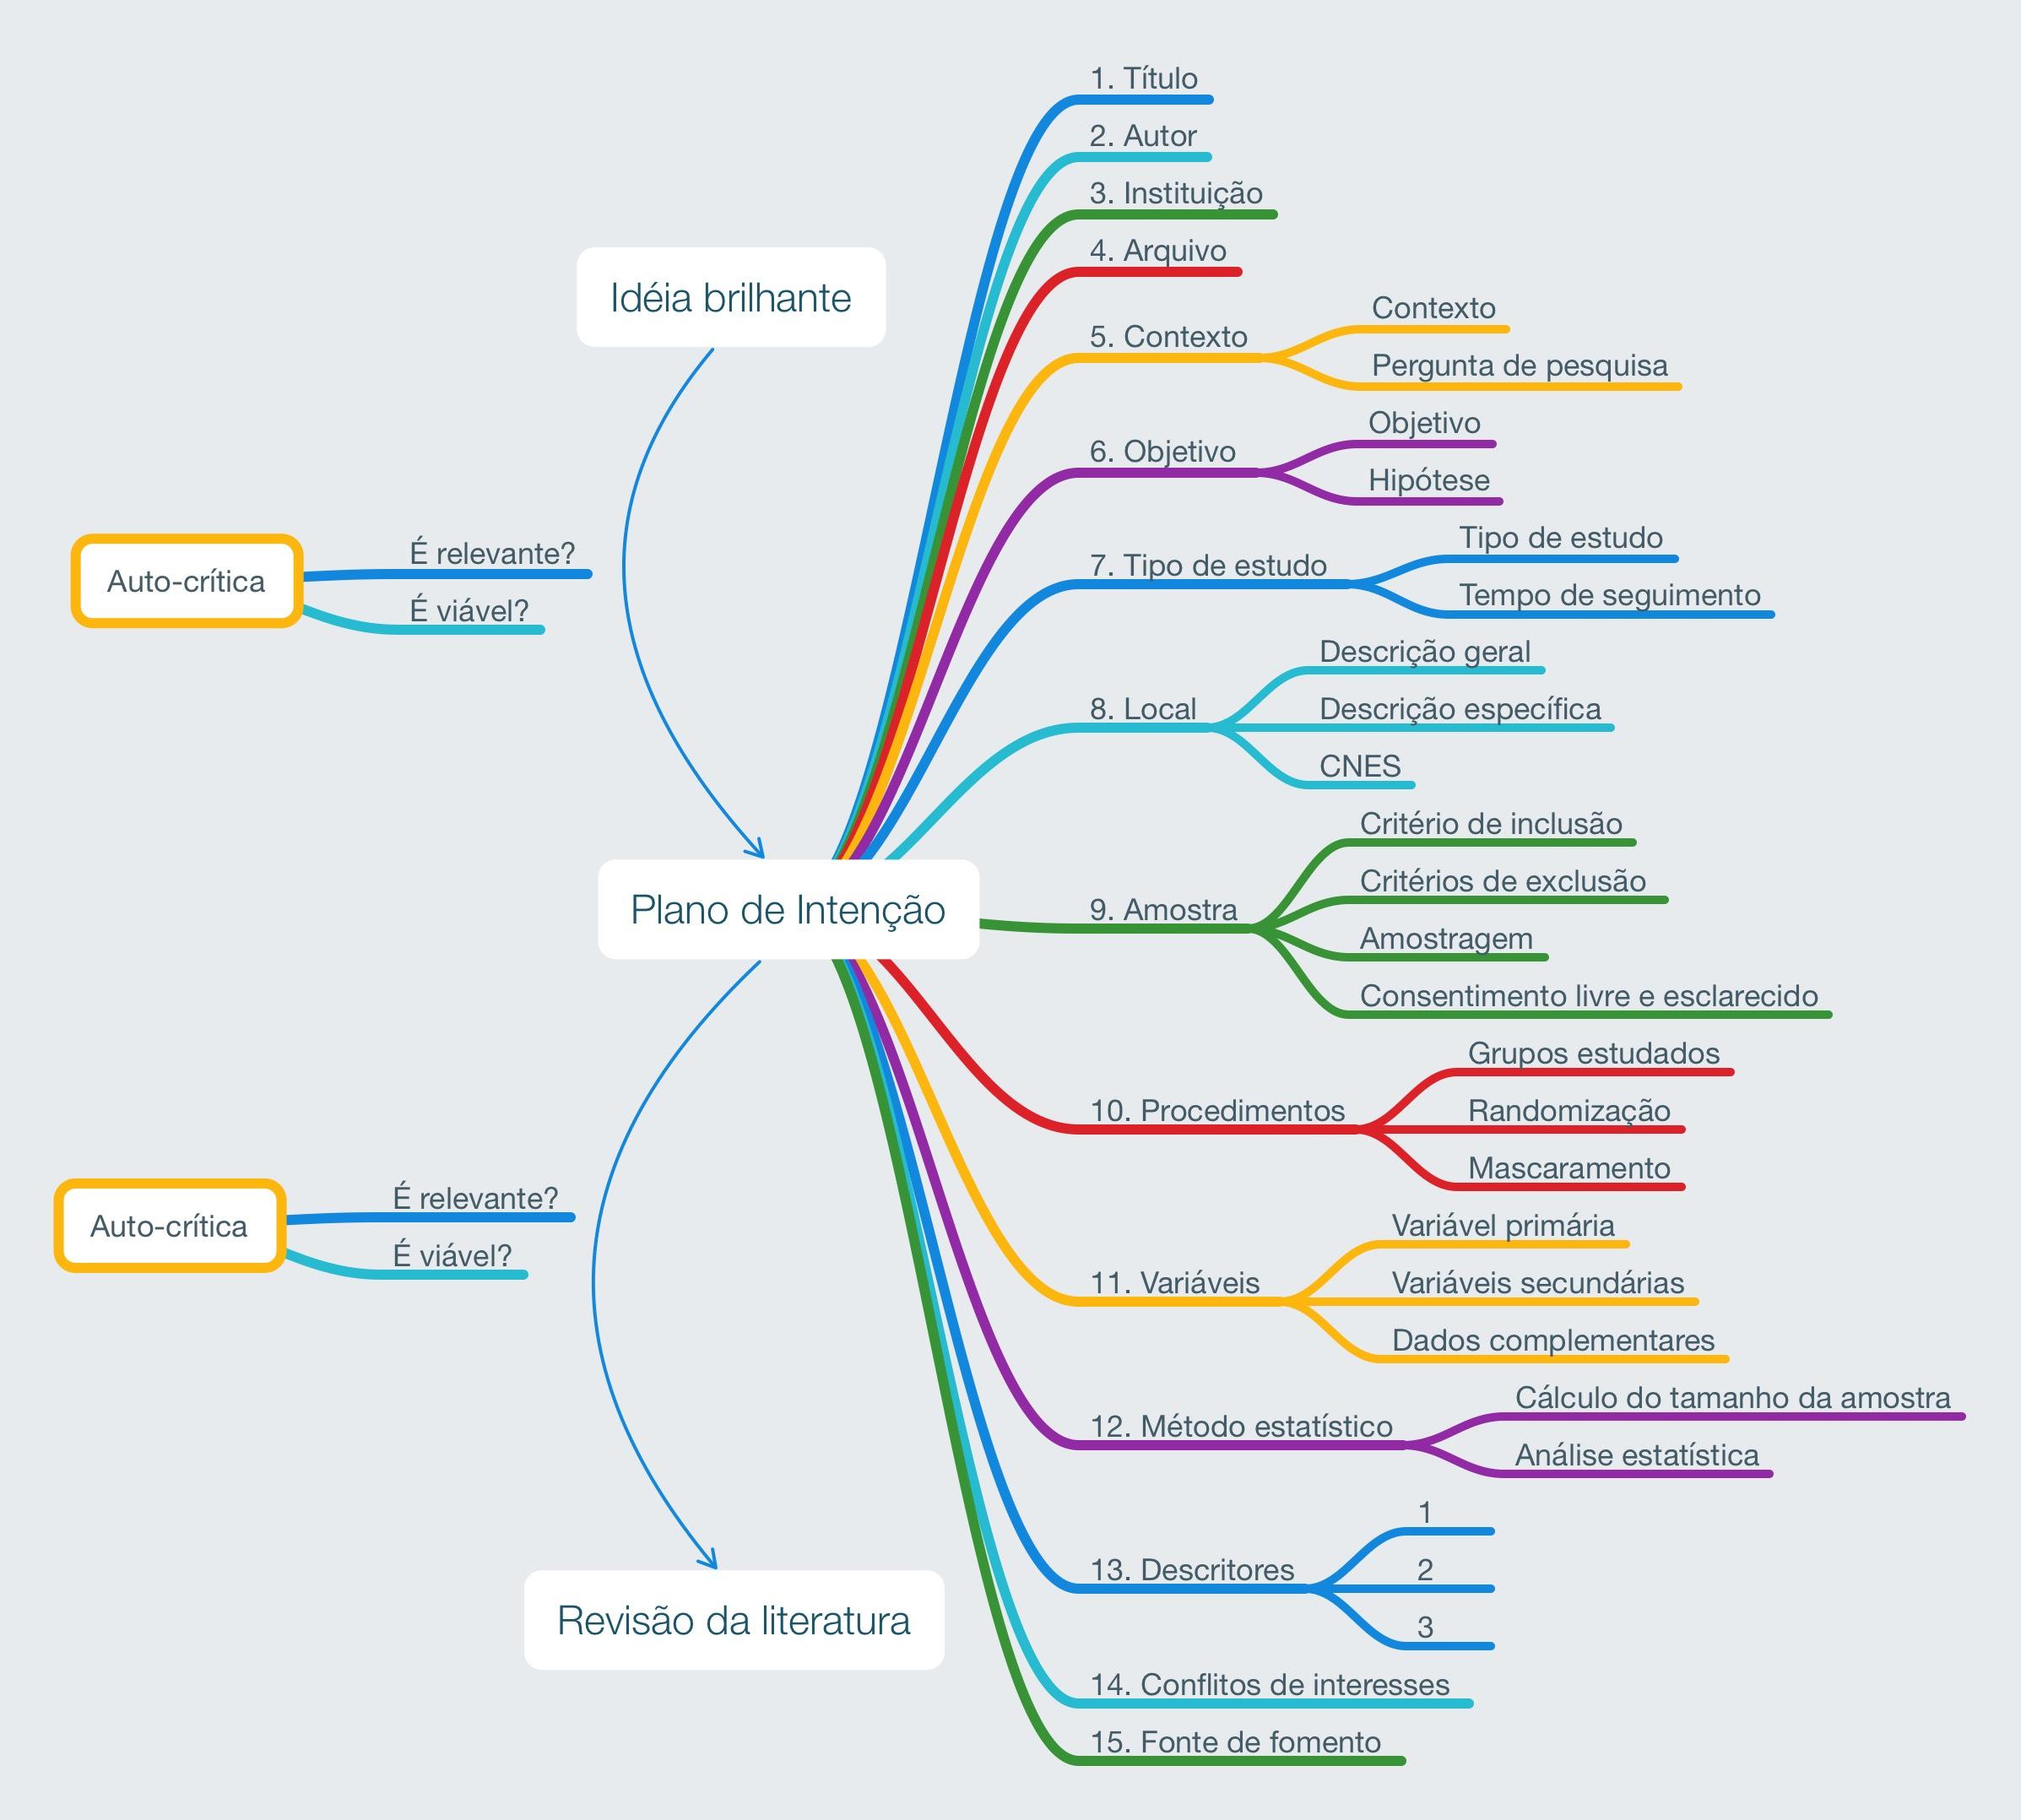 Mapa mental do plano de intenção